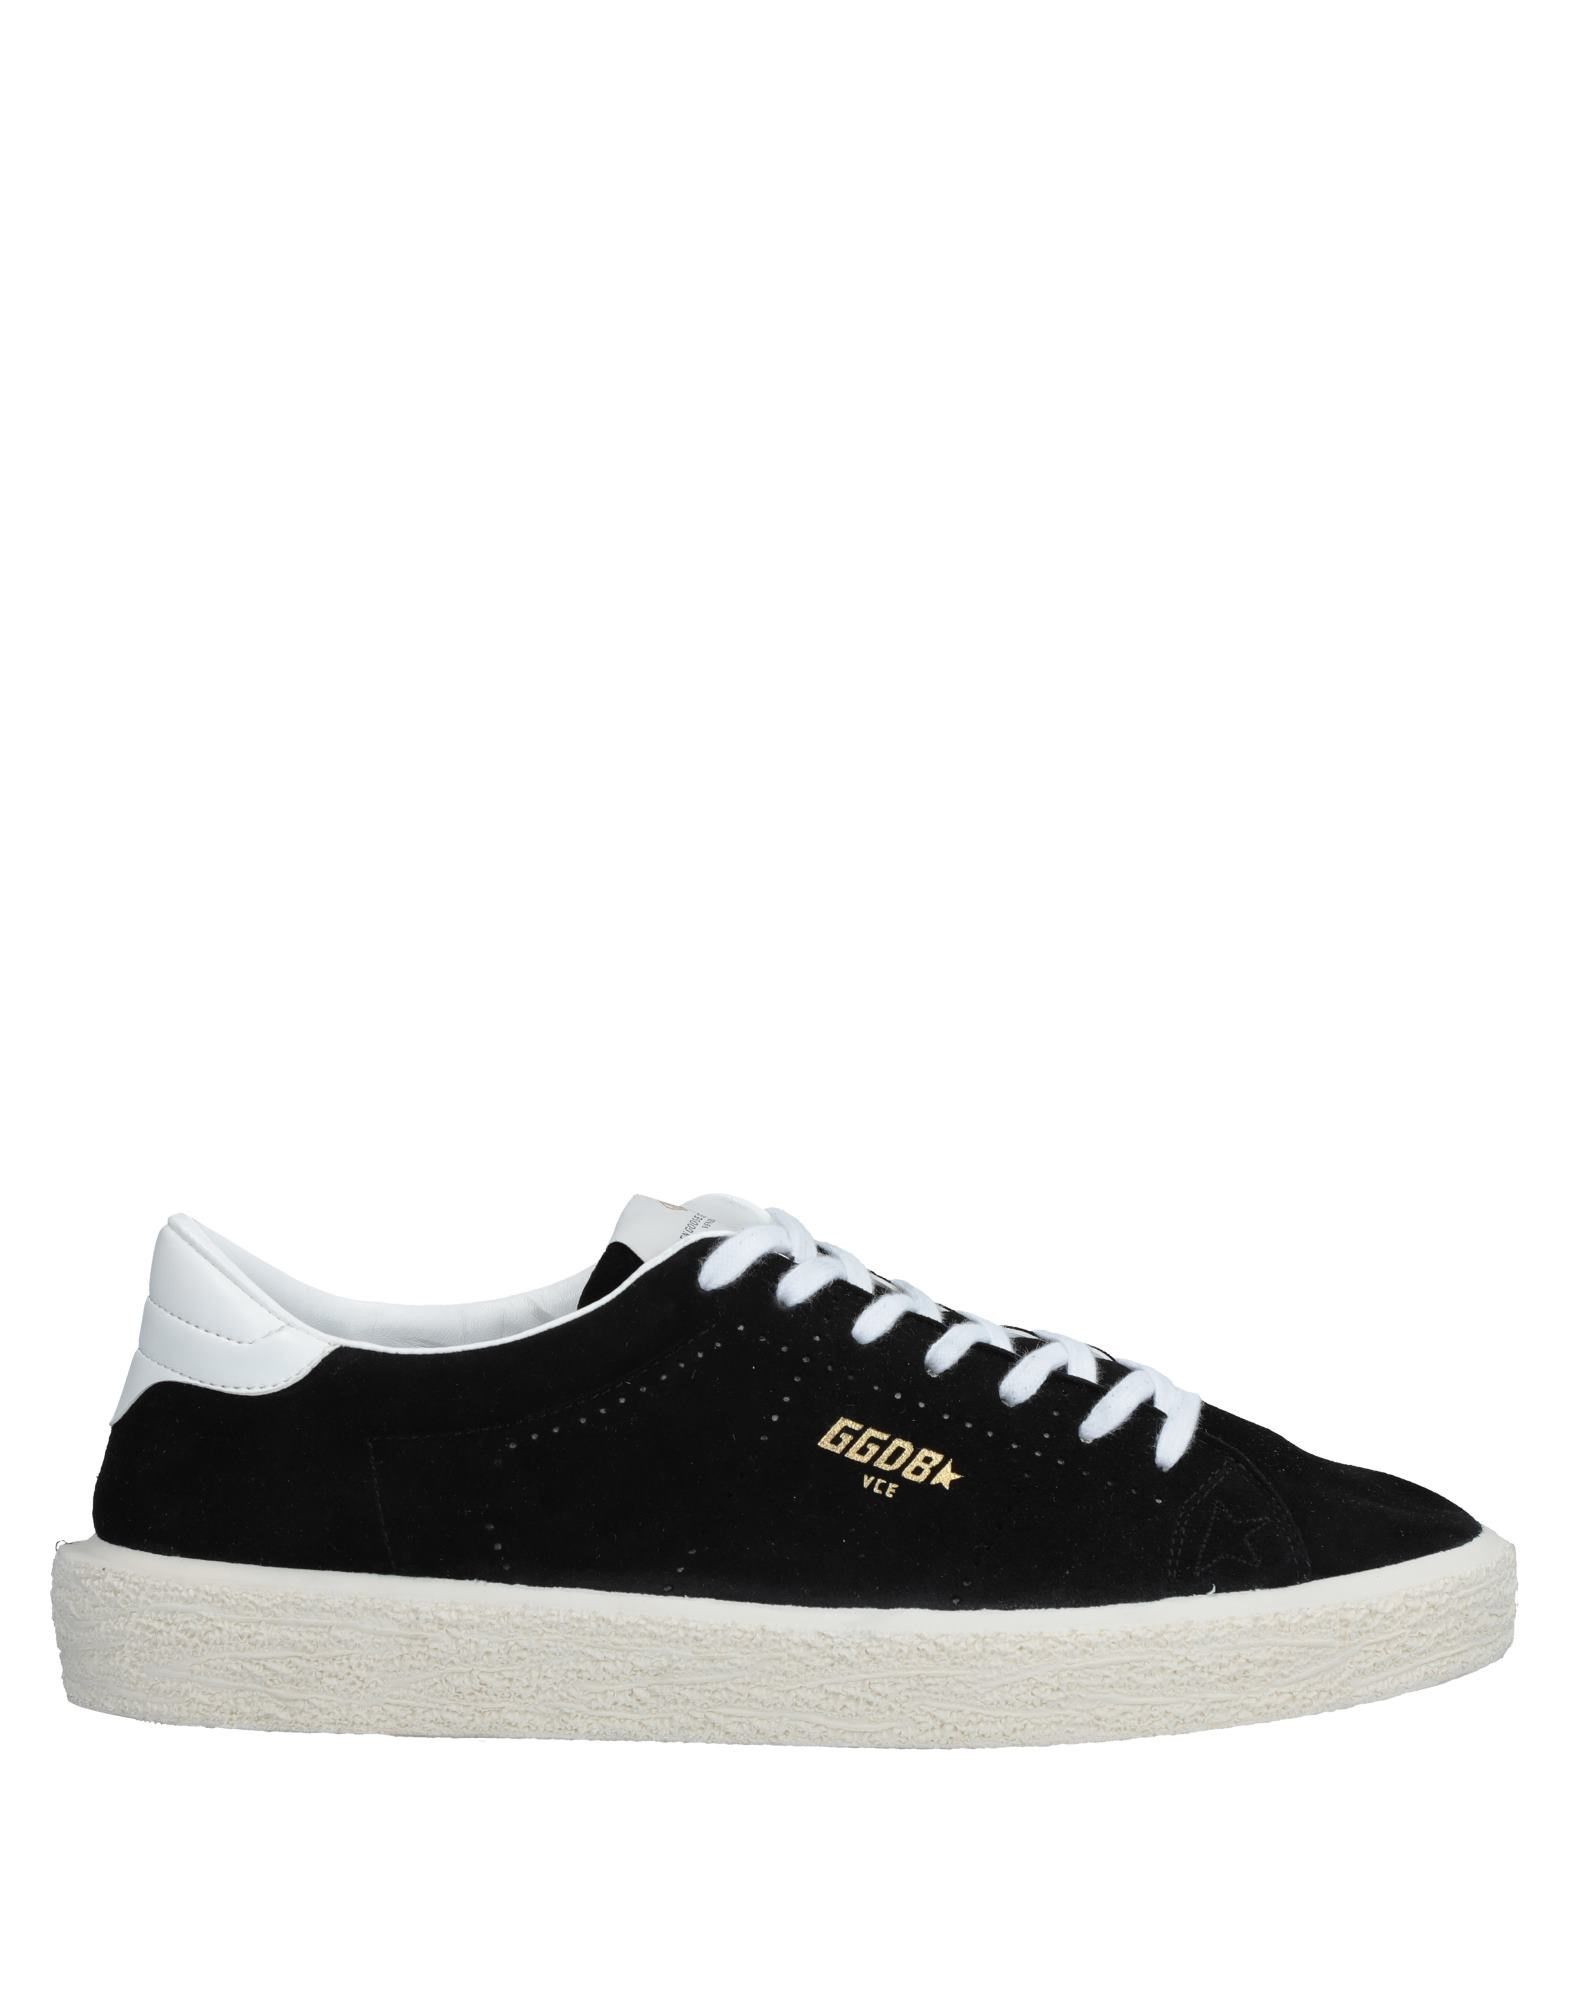 Rabatt Schuhe Golden Goose Deluxe Brand Sneakers Damen  11456126JX